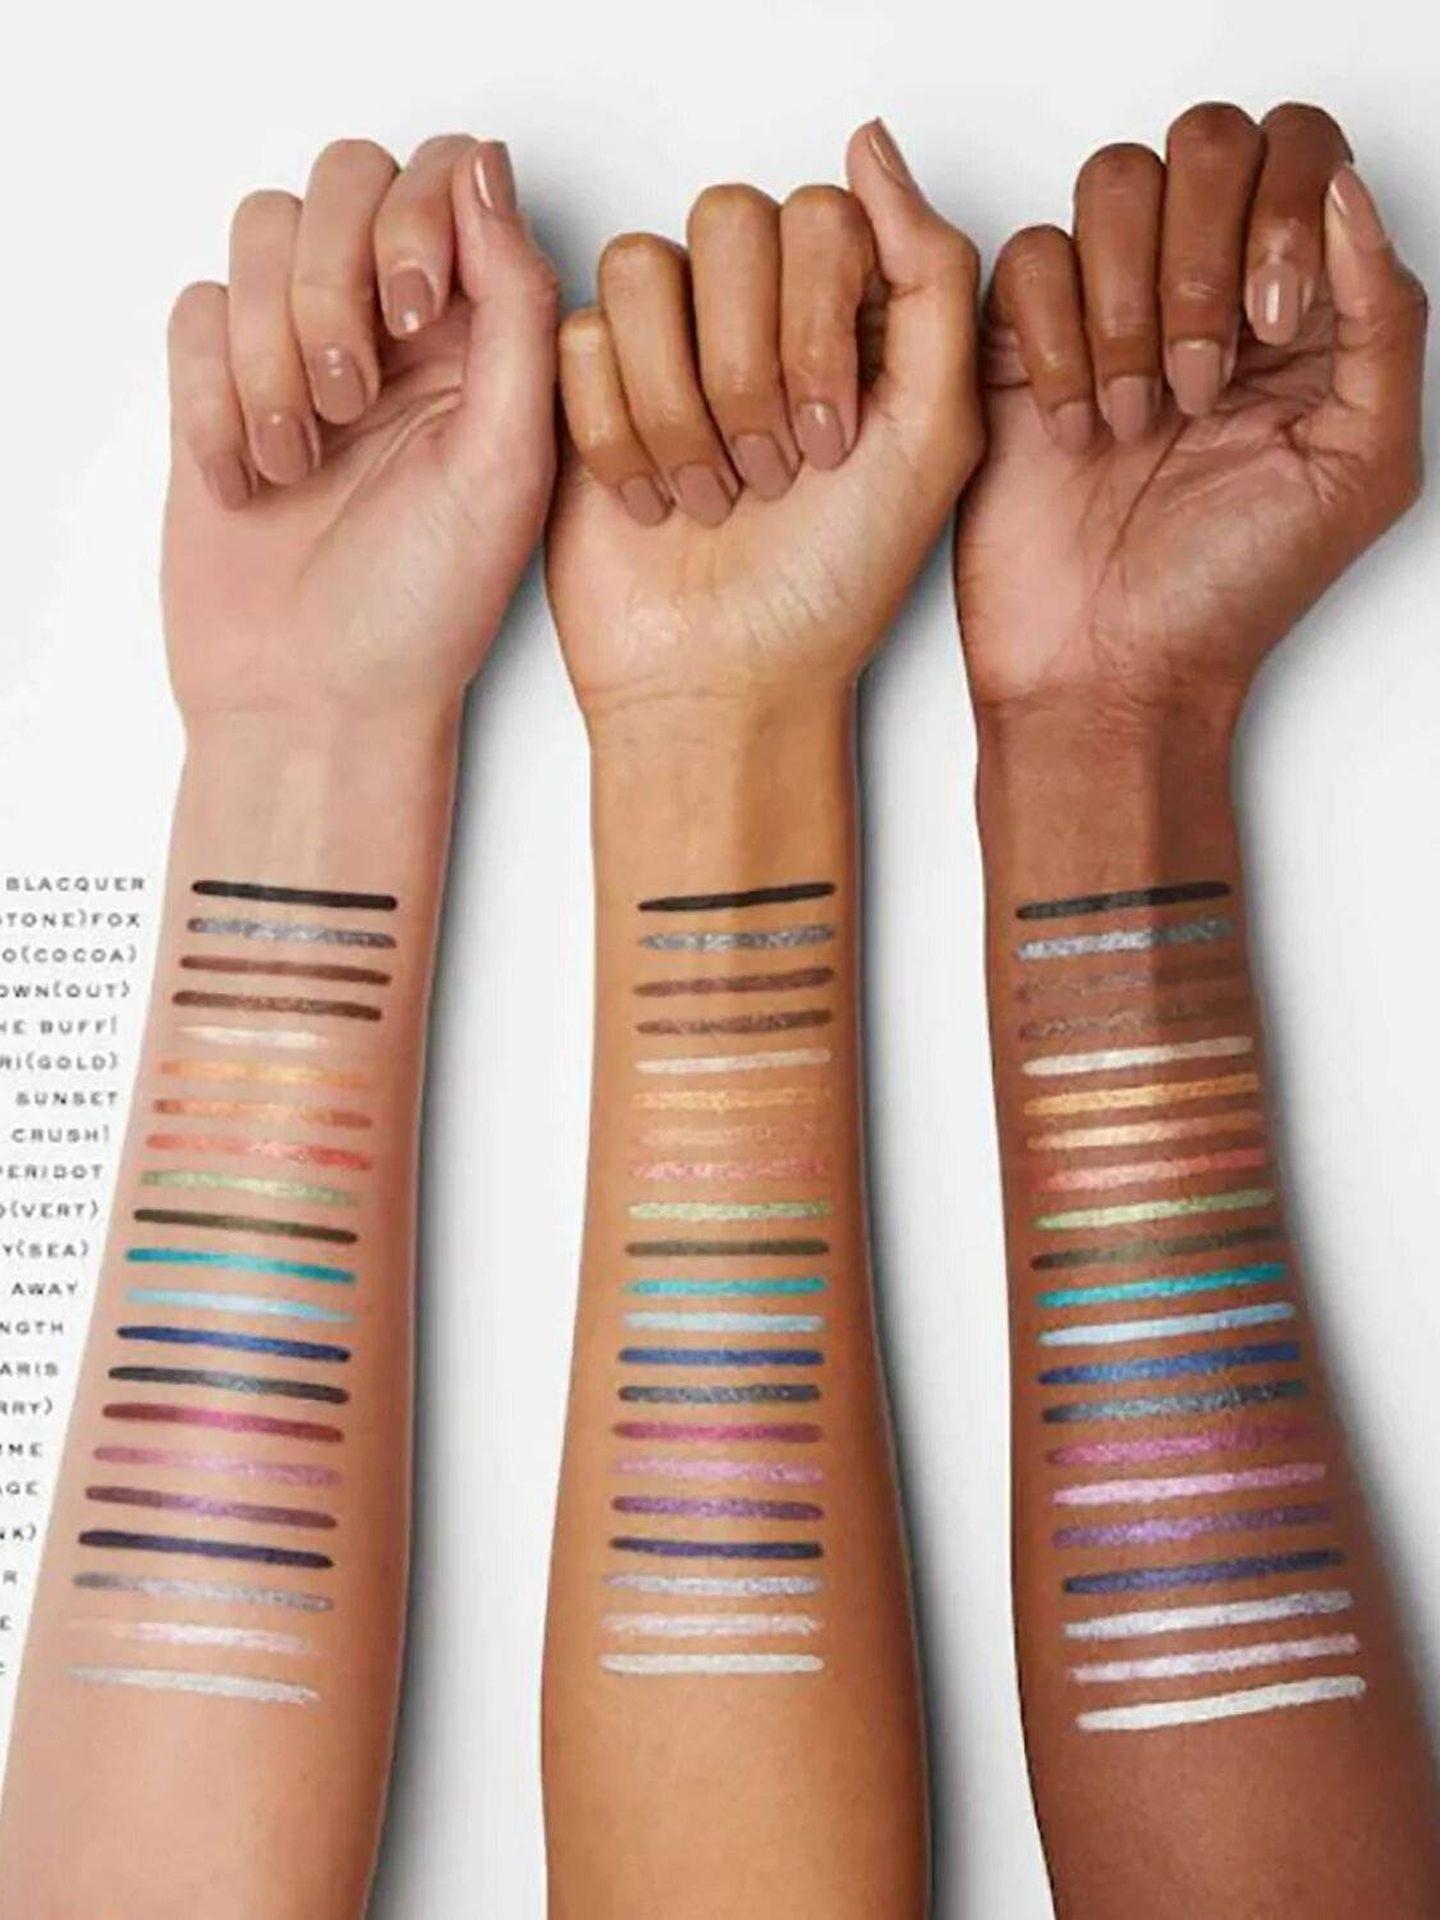 Lápices waterproof de Marc Jacobs sobre piel. (Cortesía)